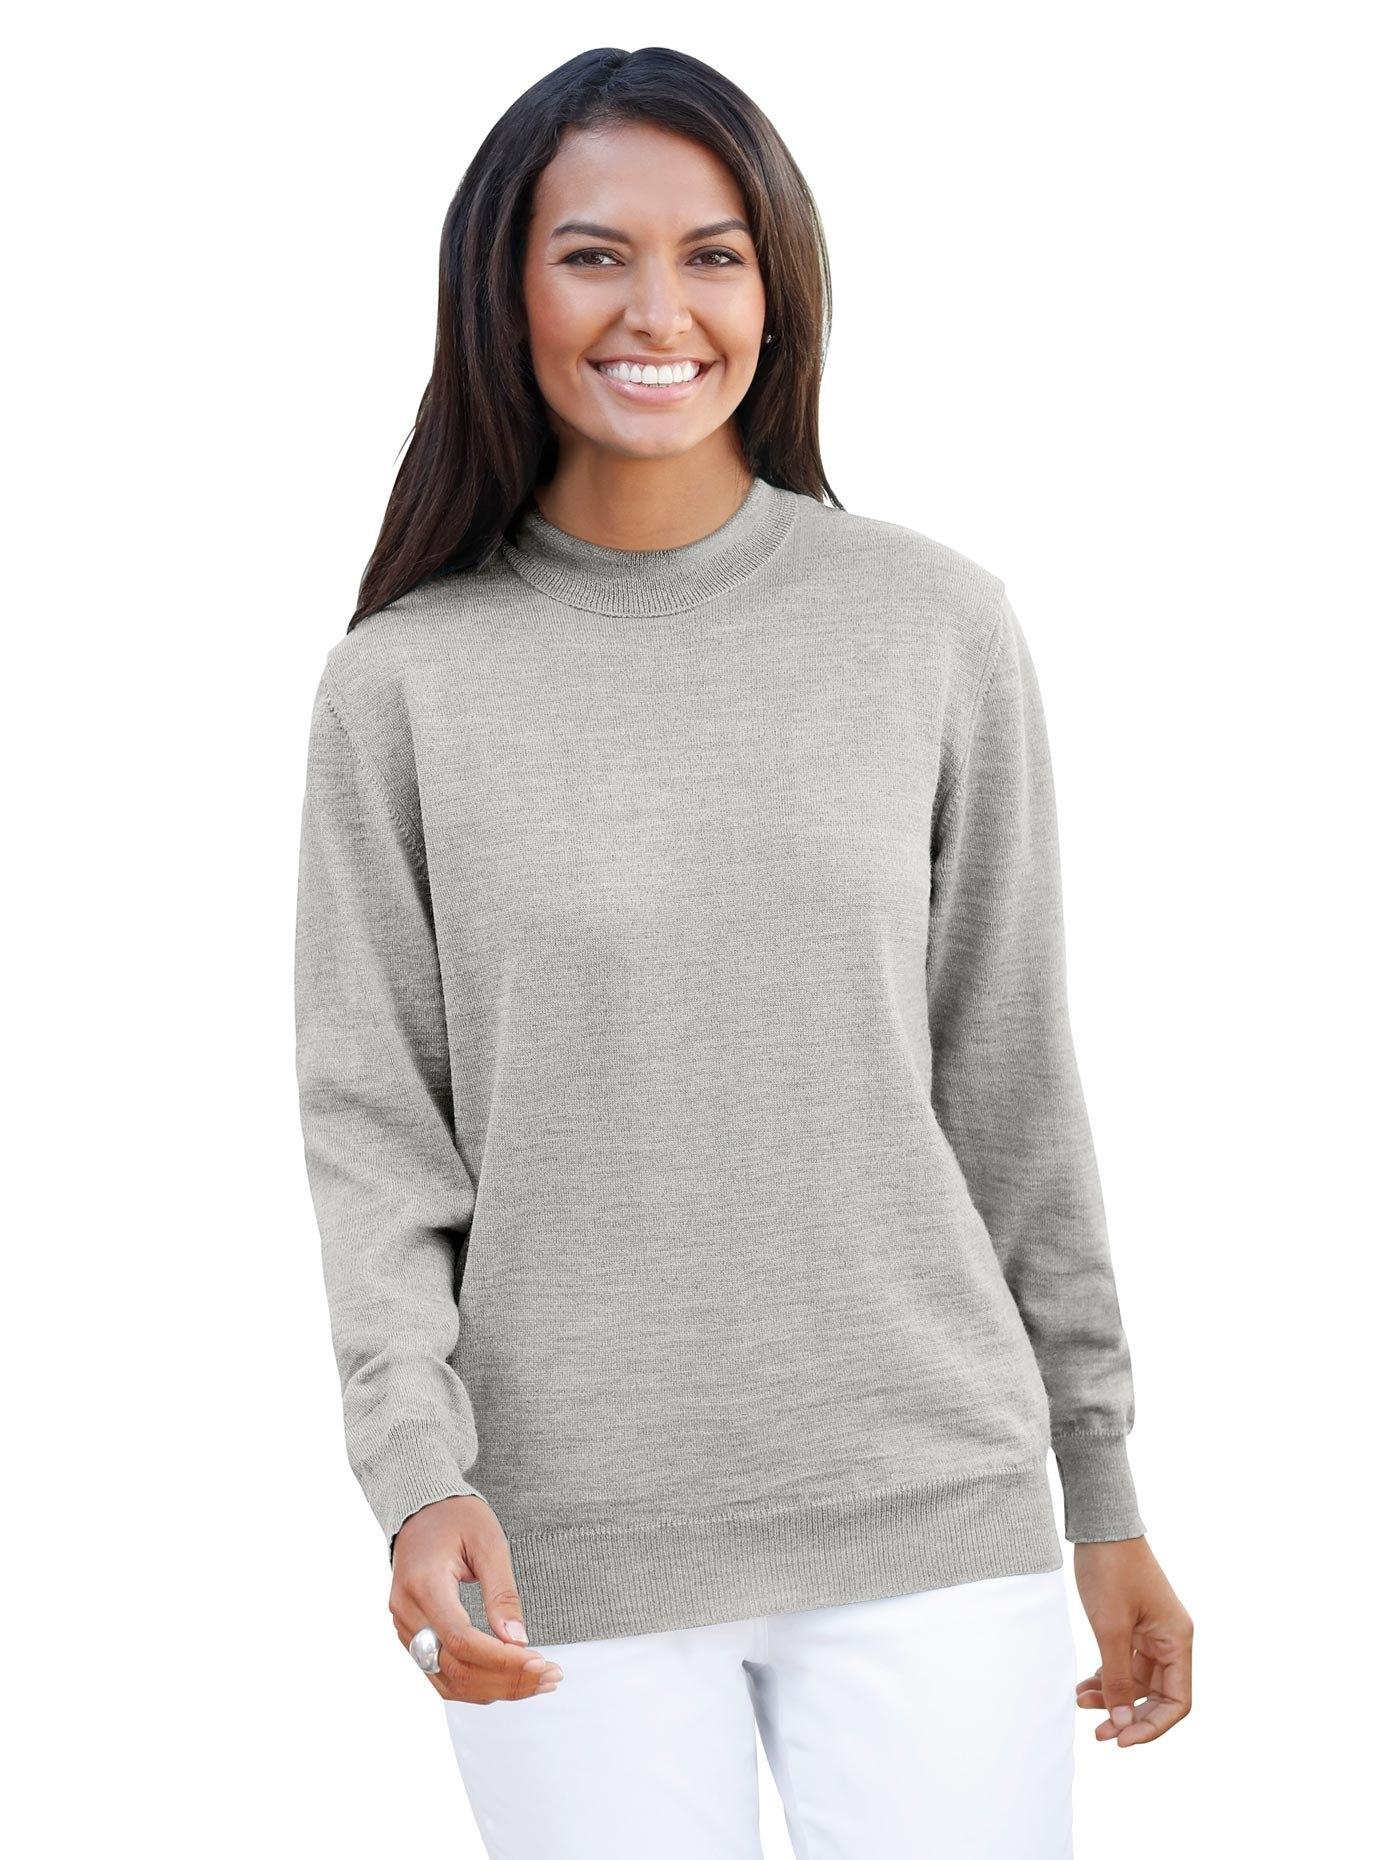 Casual Looks trui met staande kraag van hoogwaardige merinoswol bij OTTO online kopen